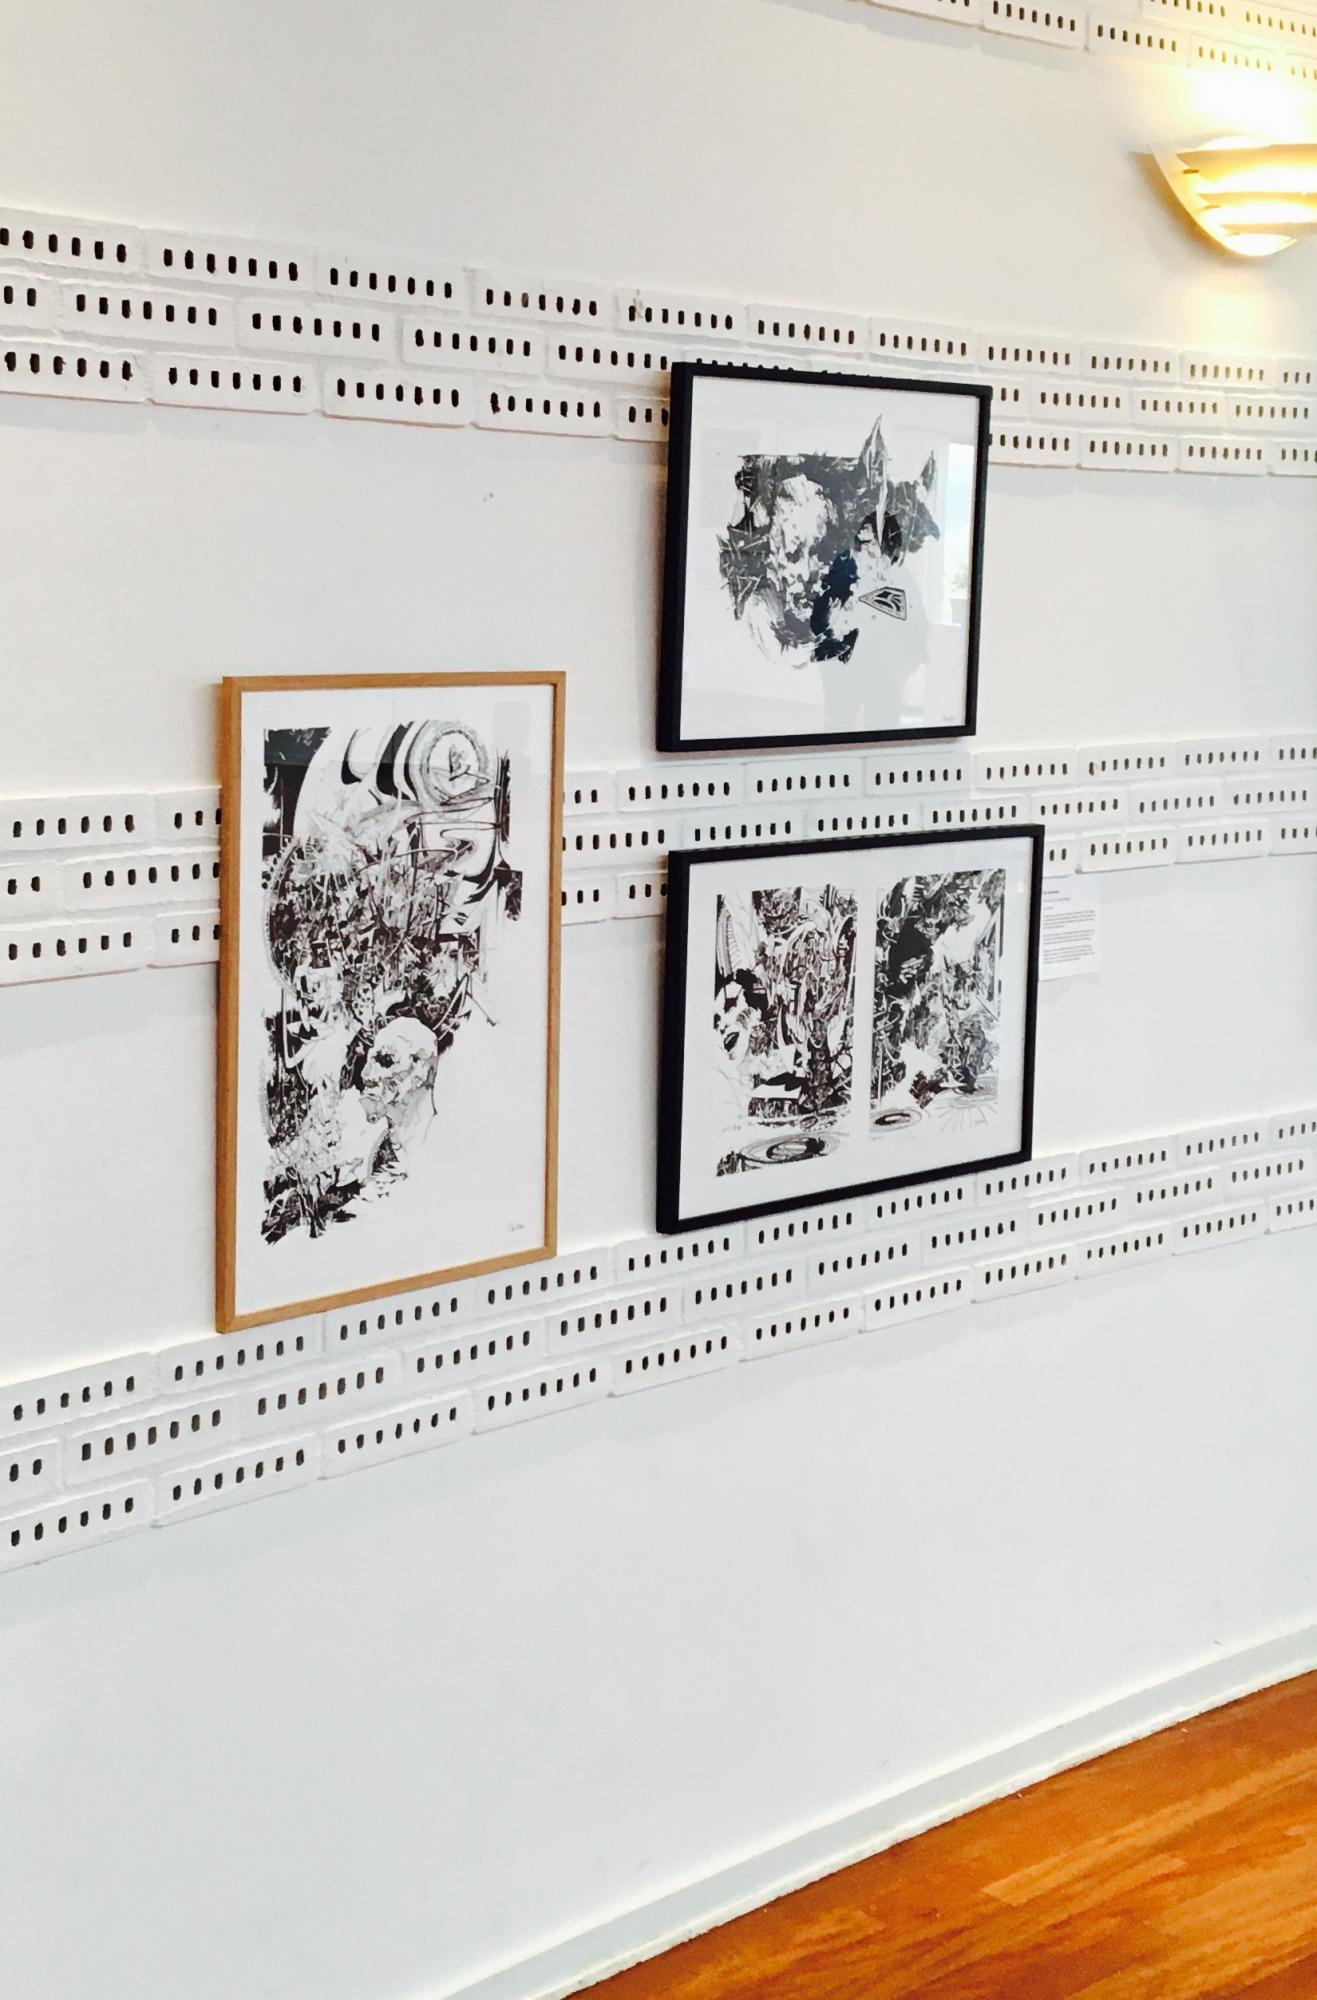 tegninger, abstrakte, figurative, monokrome, portræt, surrealistiske, botanik, natur, mennesker, sorte, hvide, papir, tusch, abstrakte-former, sort-hvide, ansigter, Køb original kunst af den højeste kvalitet. Malerier, tegninger, limited edition kunsttryk & plakater af dygtige kunstnere.